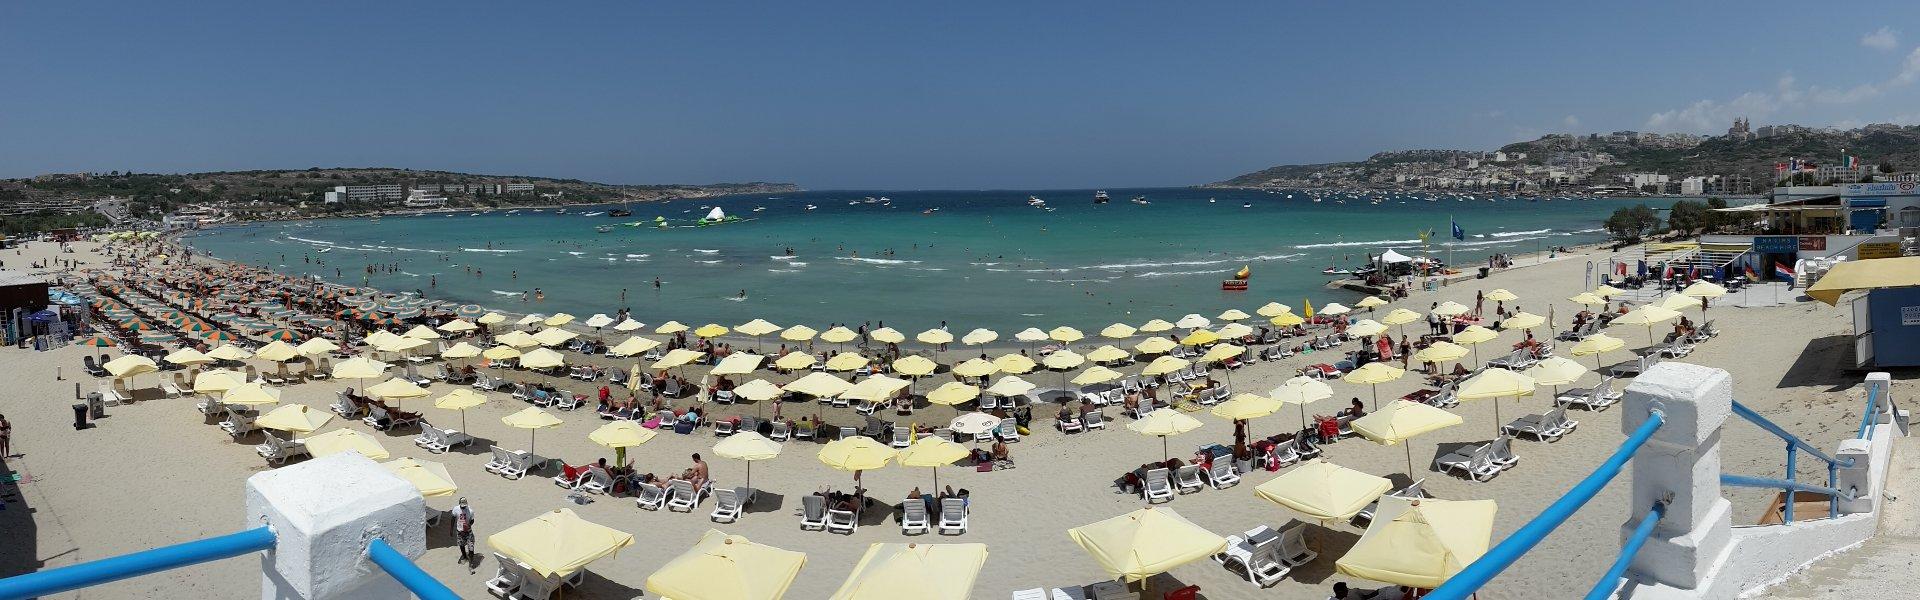 mellieha-bay-beach-malta